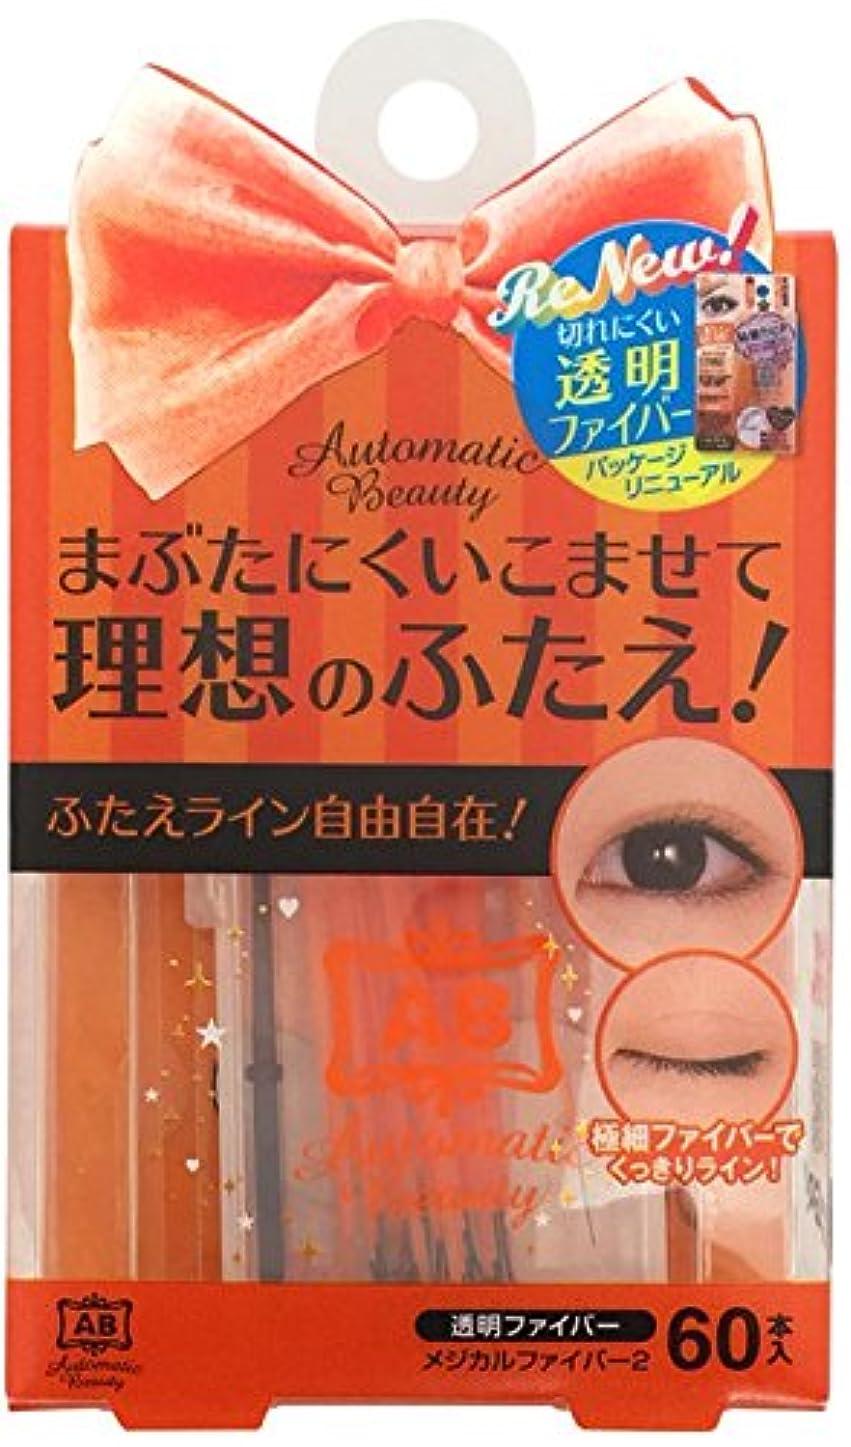 ビュッフェ無し三十Automatic Beauty(オートマティックビューティ) メジカルファイバー 60本